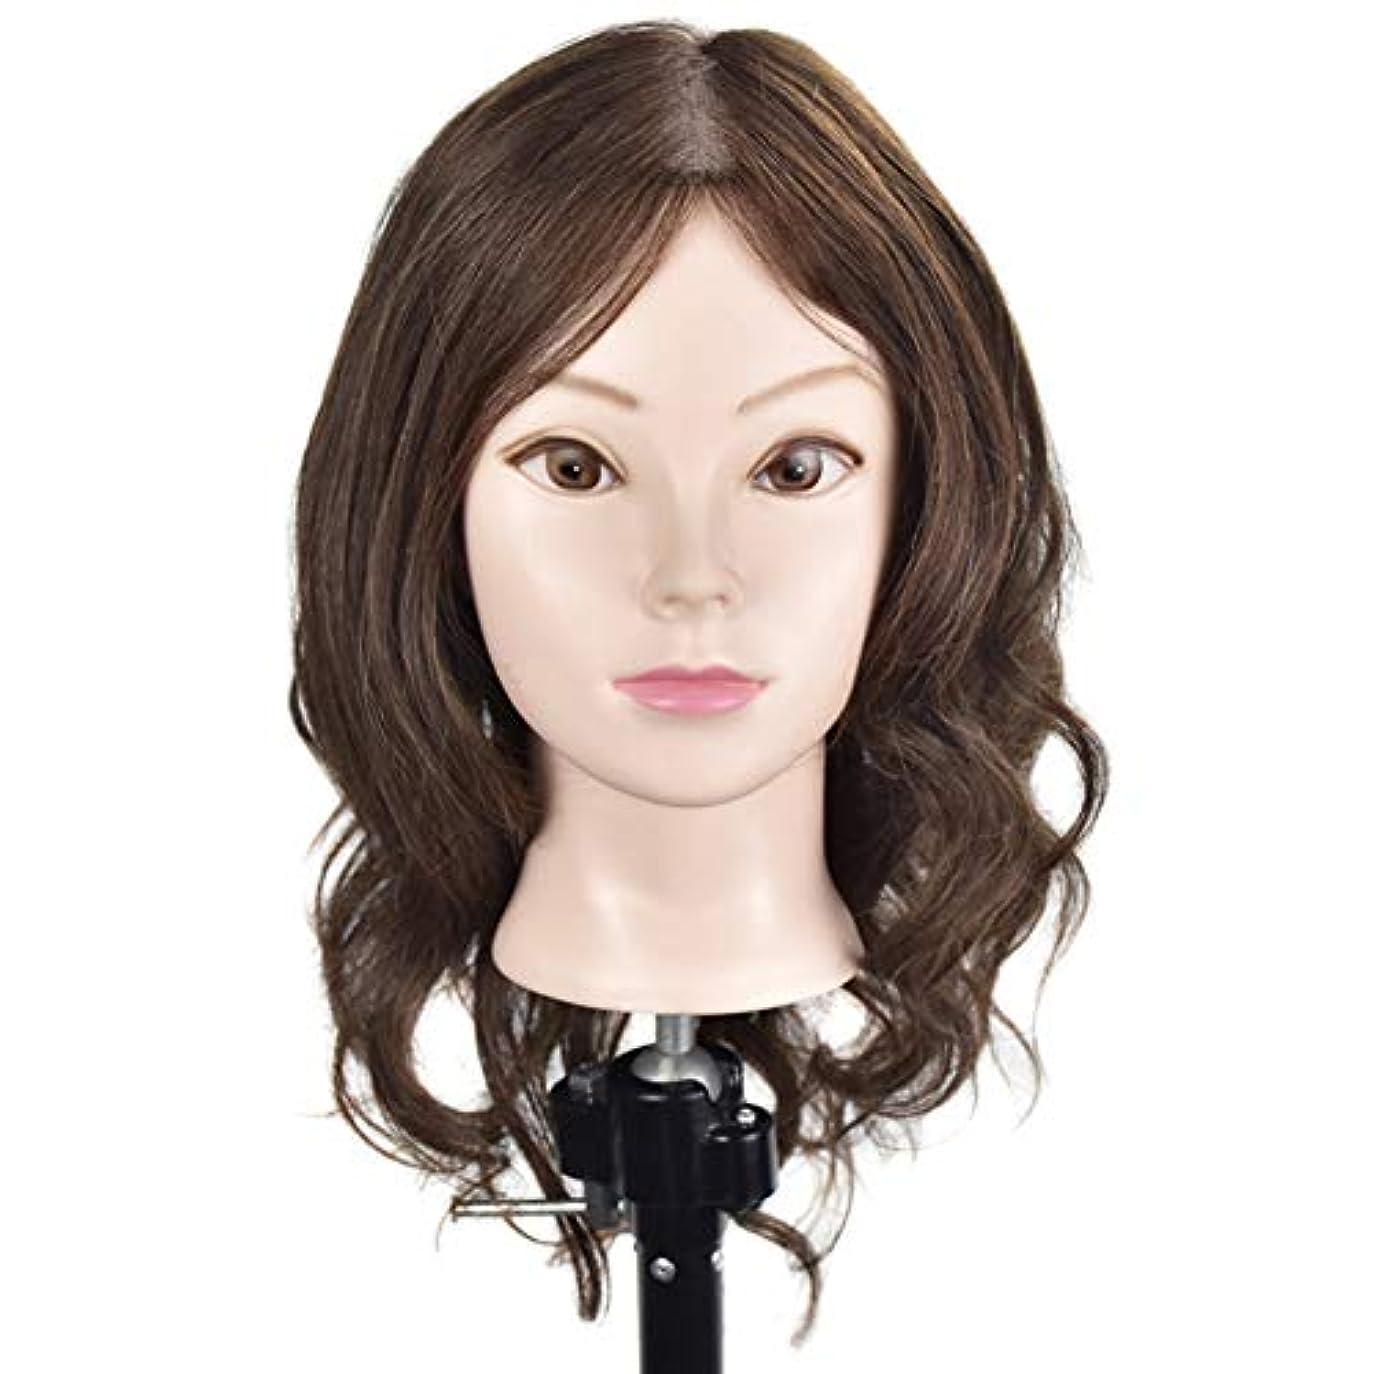 共産主義者ファランクス汚れる専門の練習ホット染色漂白はさみモデリングマネキン髪編組髪かつら女性モデルティーチングヘッド